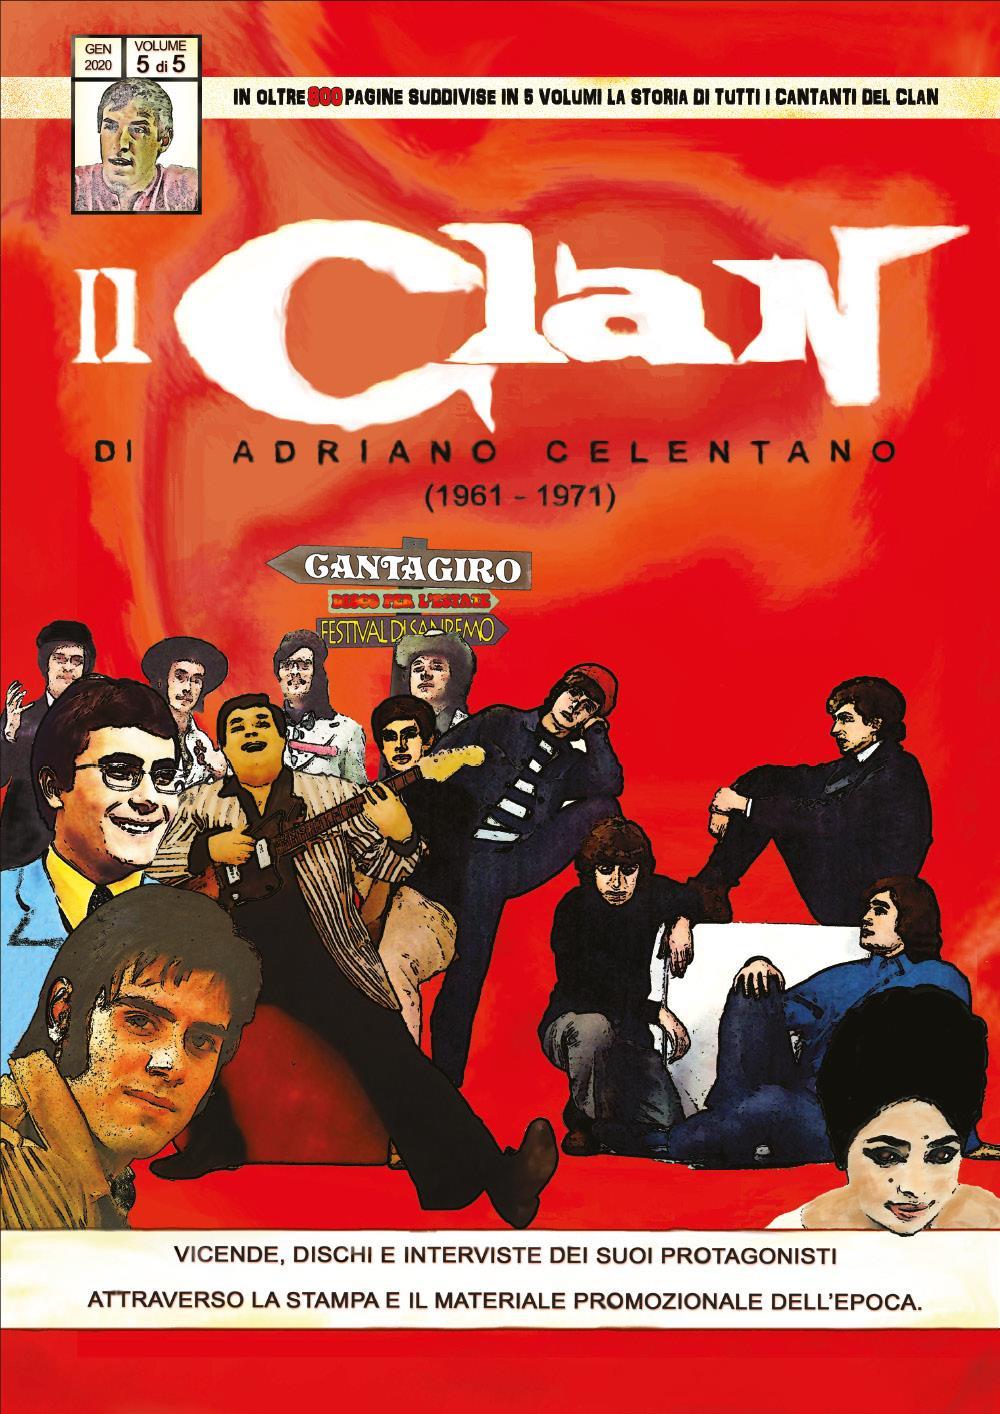 Il Clan di Adriano Celentano (1961 - 1971) Volume 5